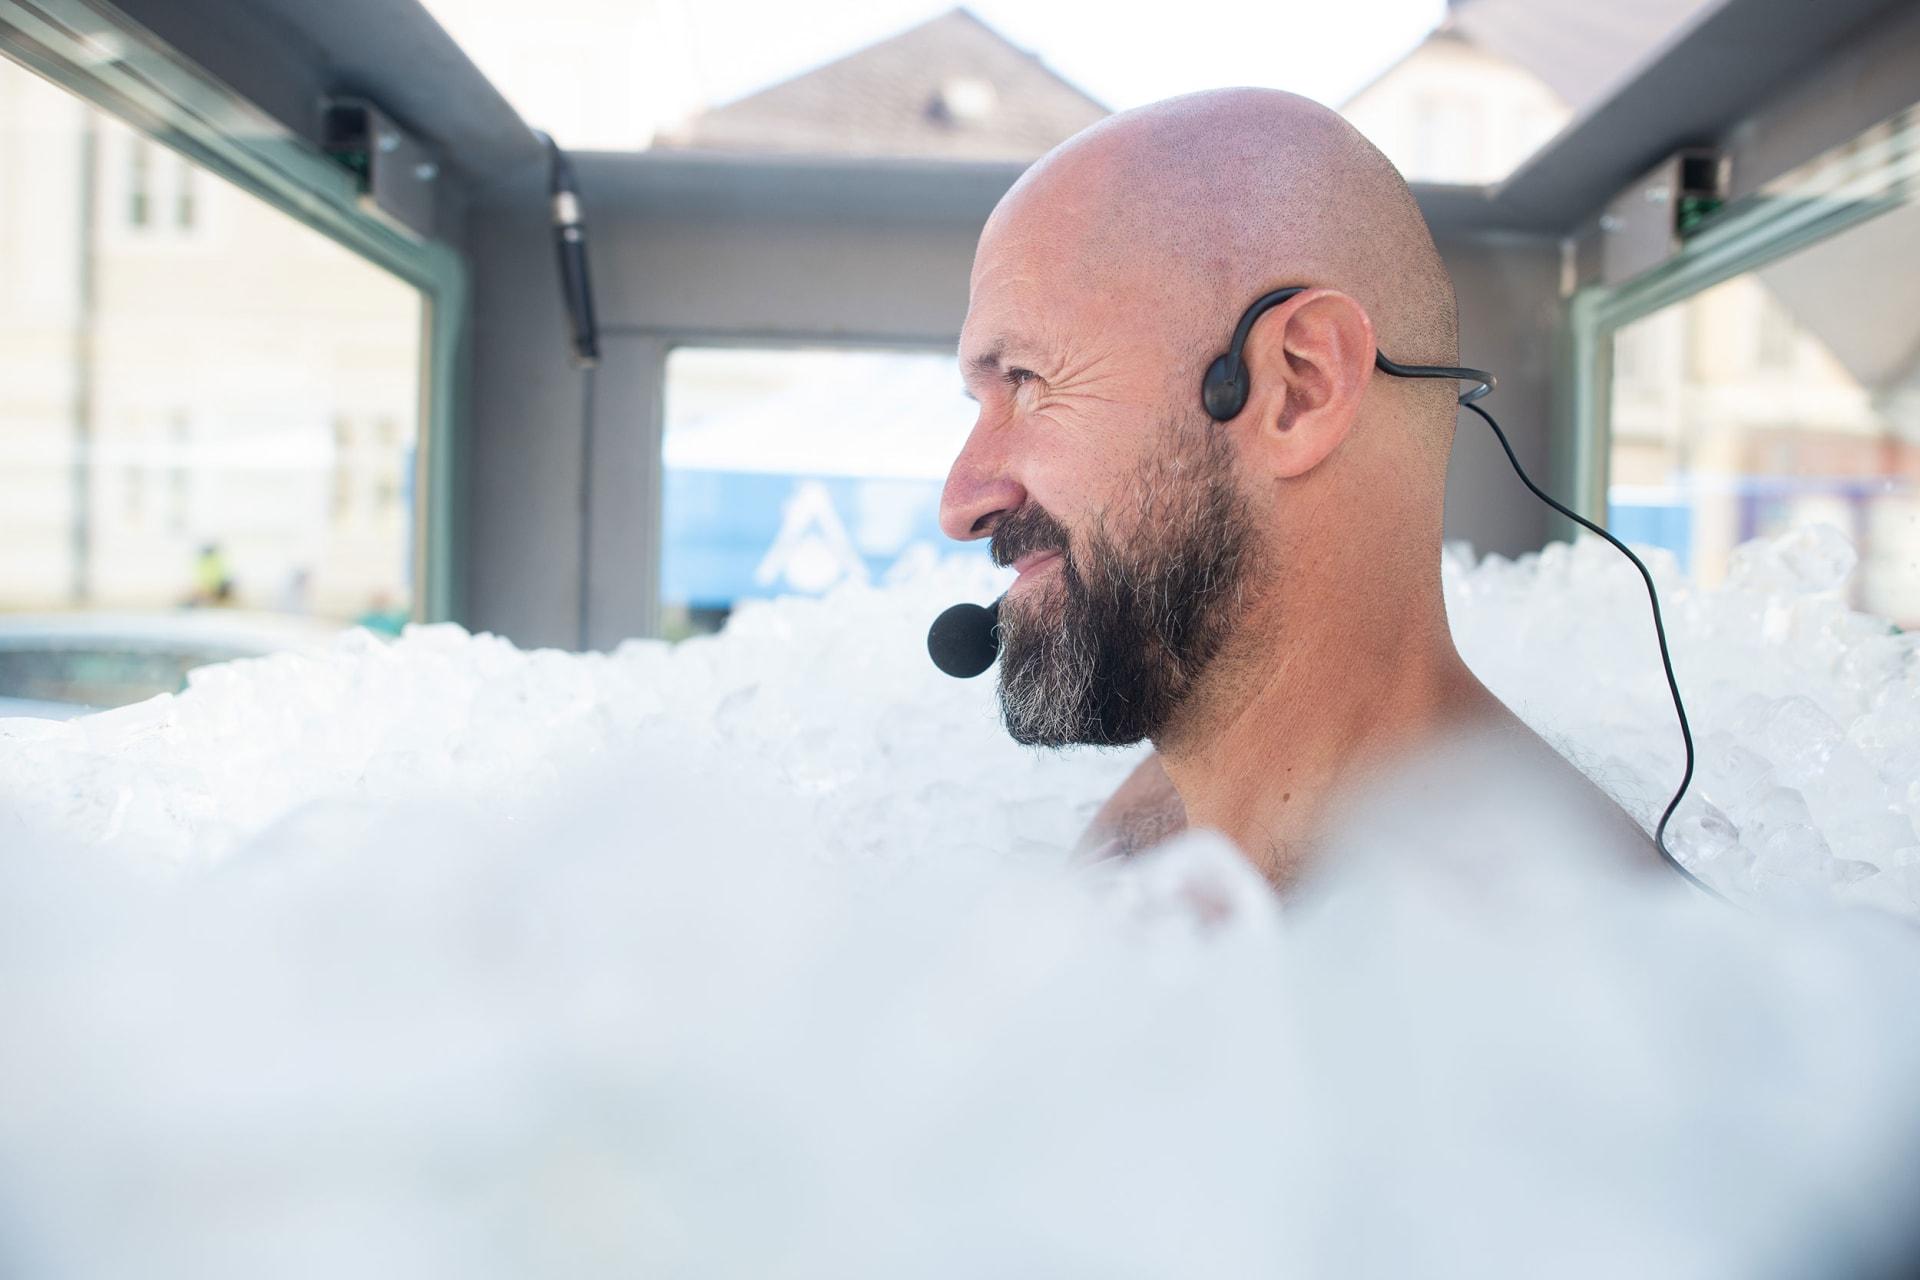 لتسجيل رقم قياسي جديد.. نمساوي يقضي أكثر من ساعتين بحوض مليء بالثلج